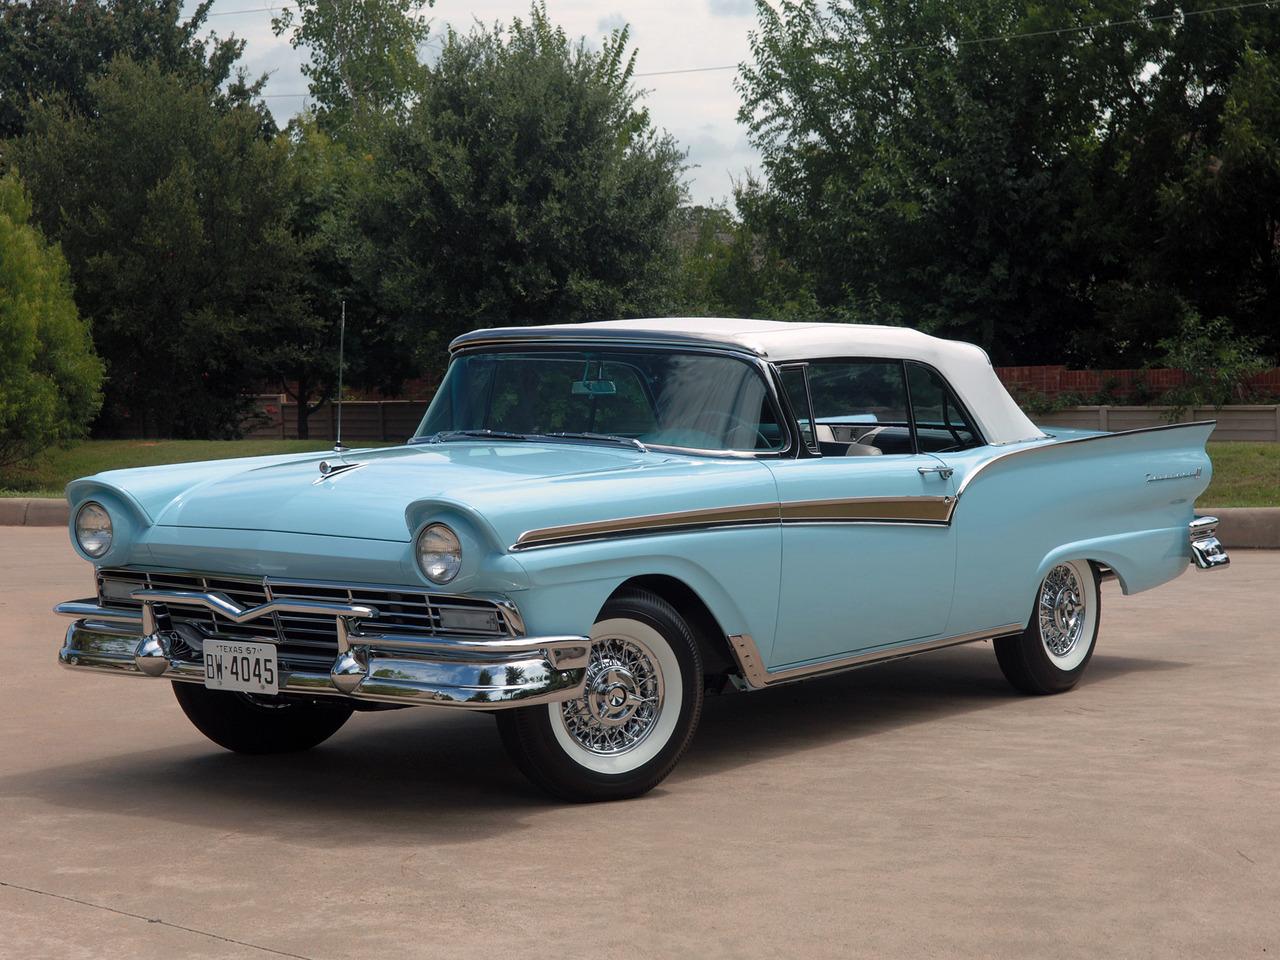 1957 500 Fairlane Ford Sunliner